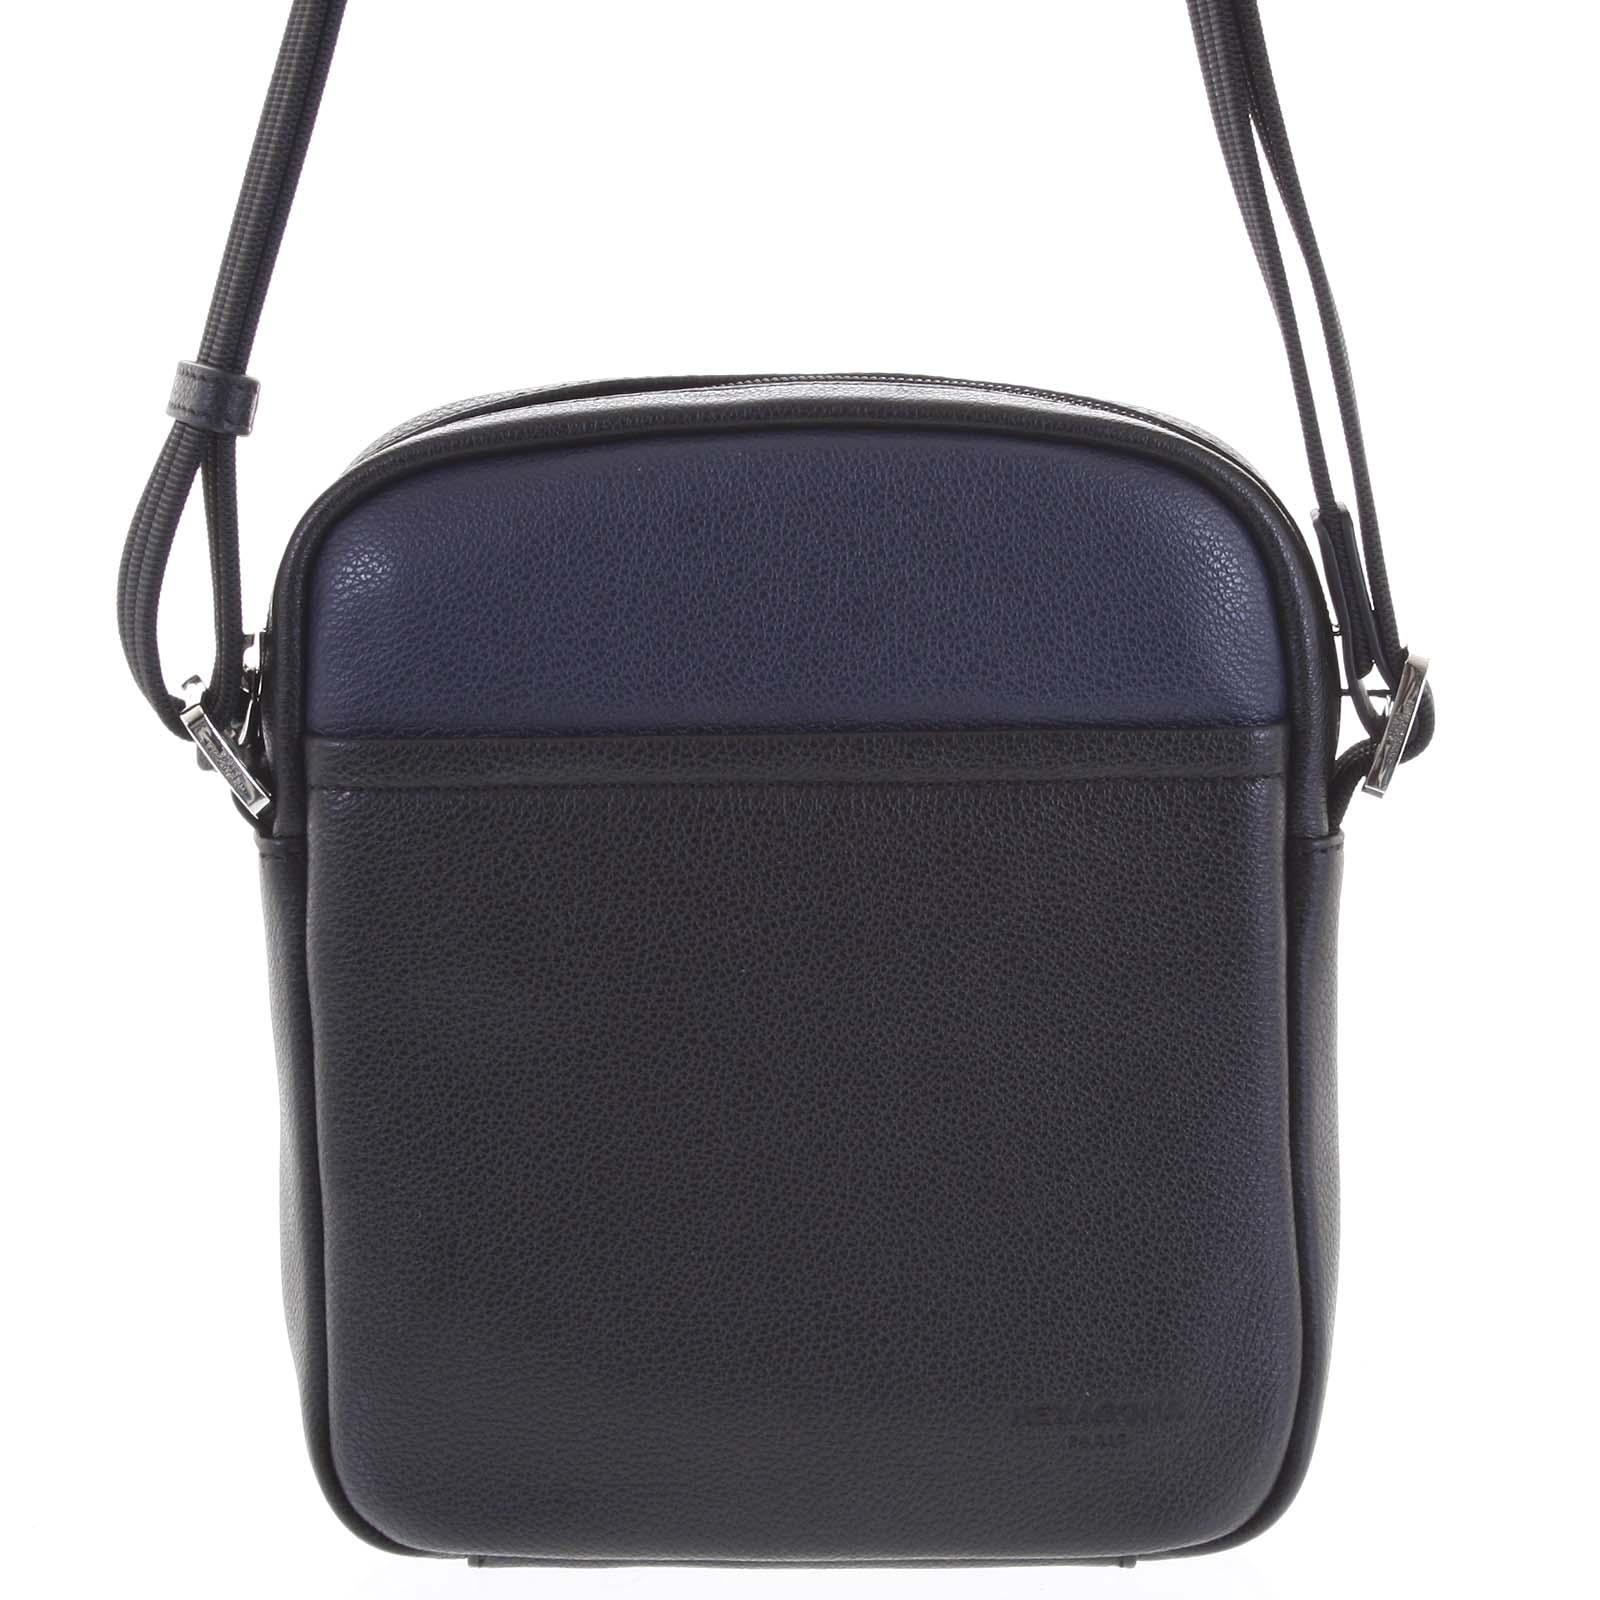 Pánská kožená taška na doklady černo modrá - Hexagona Thursday